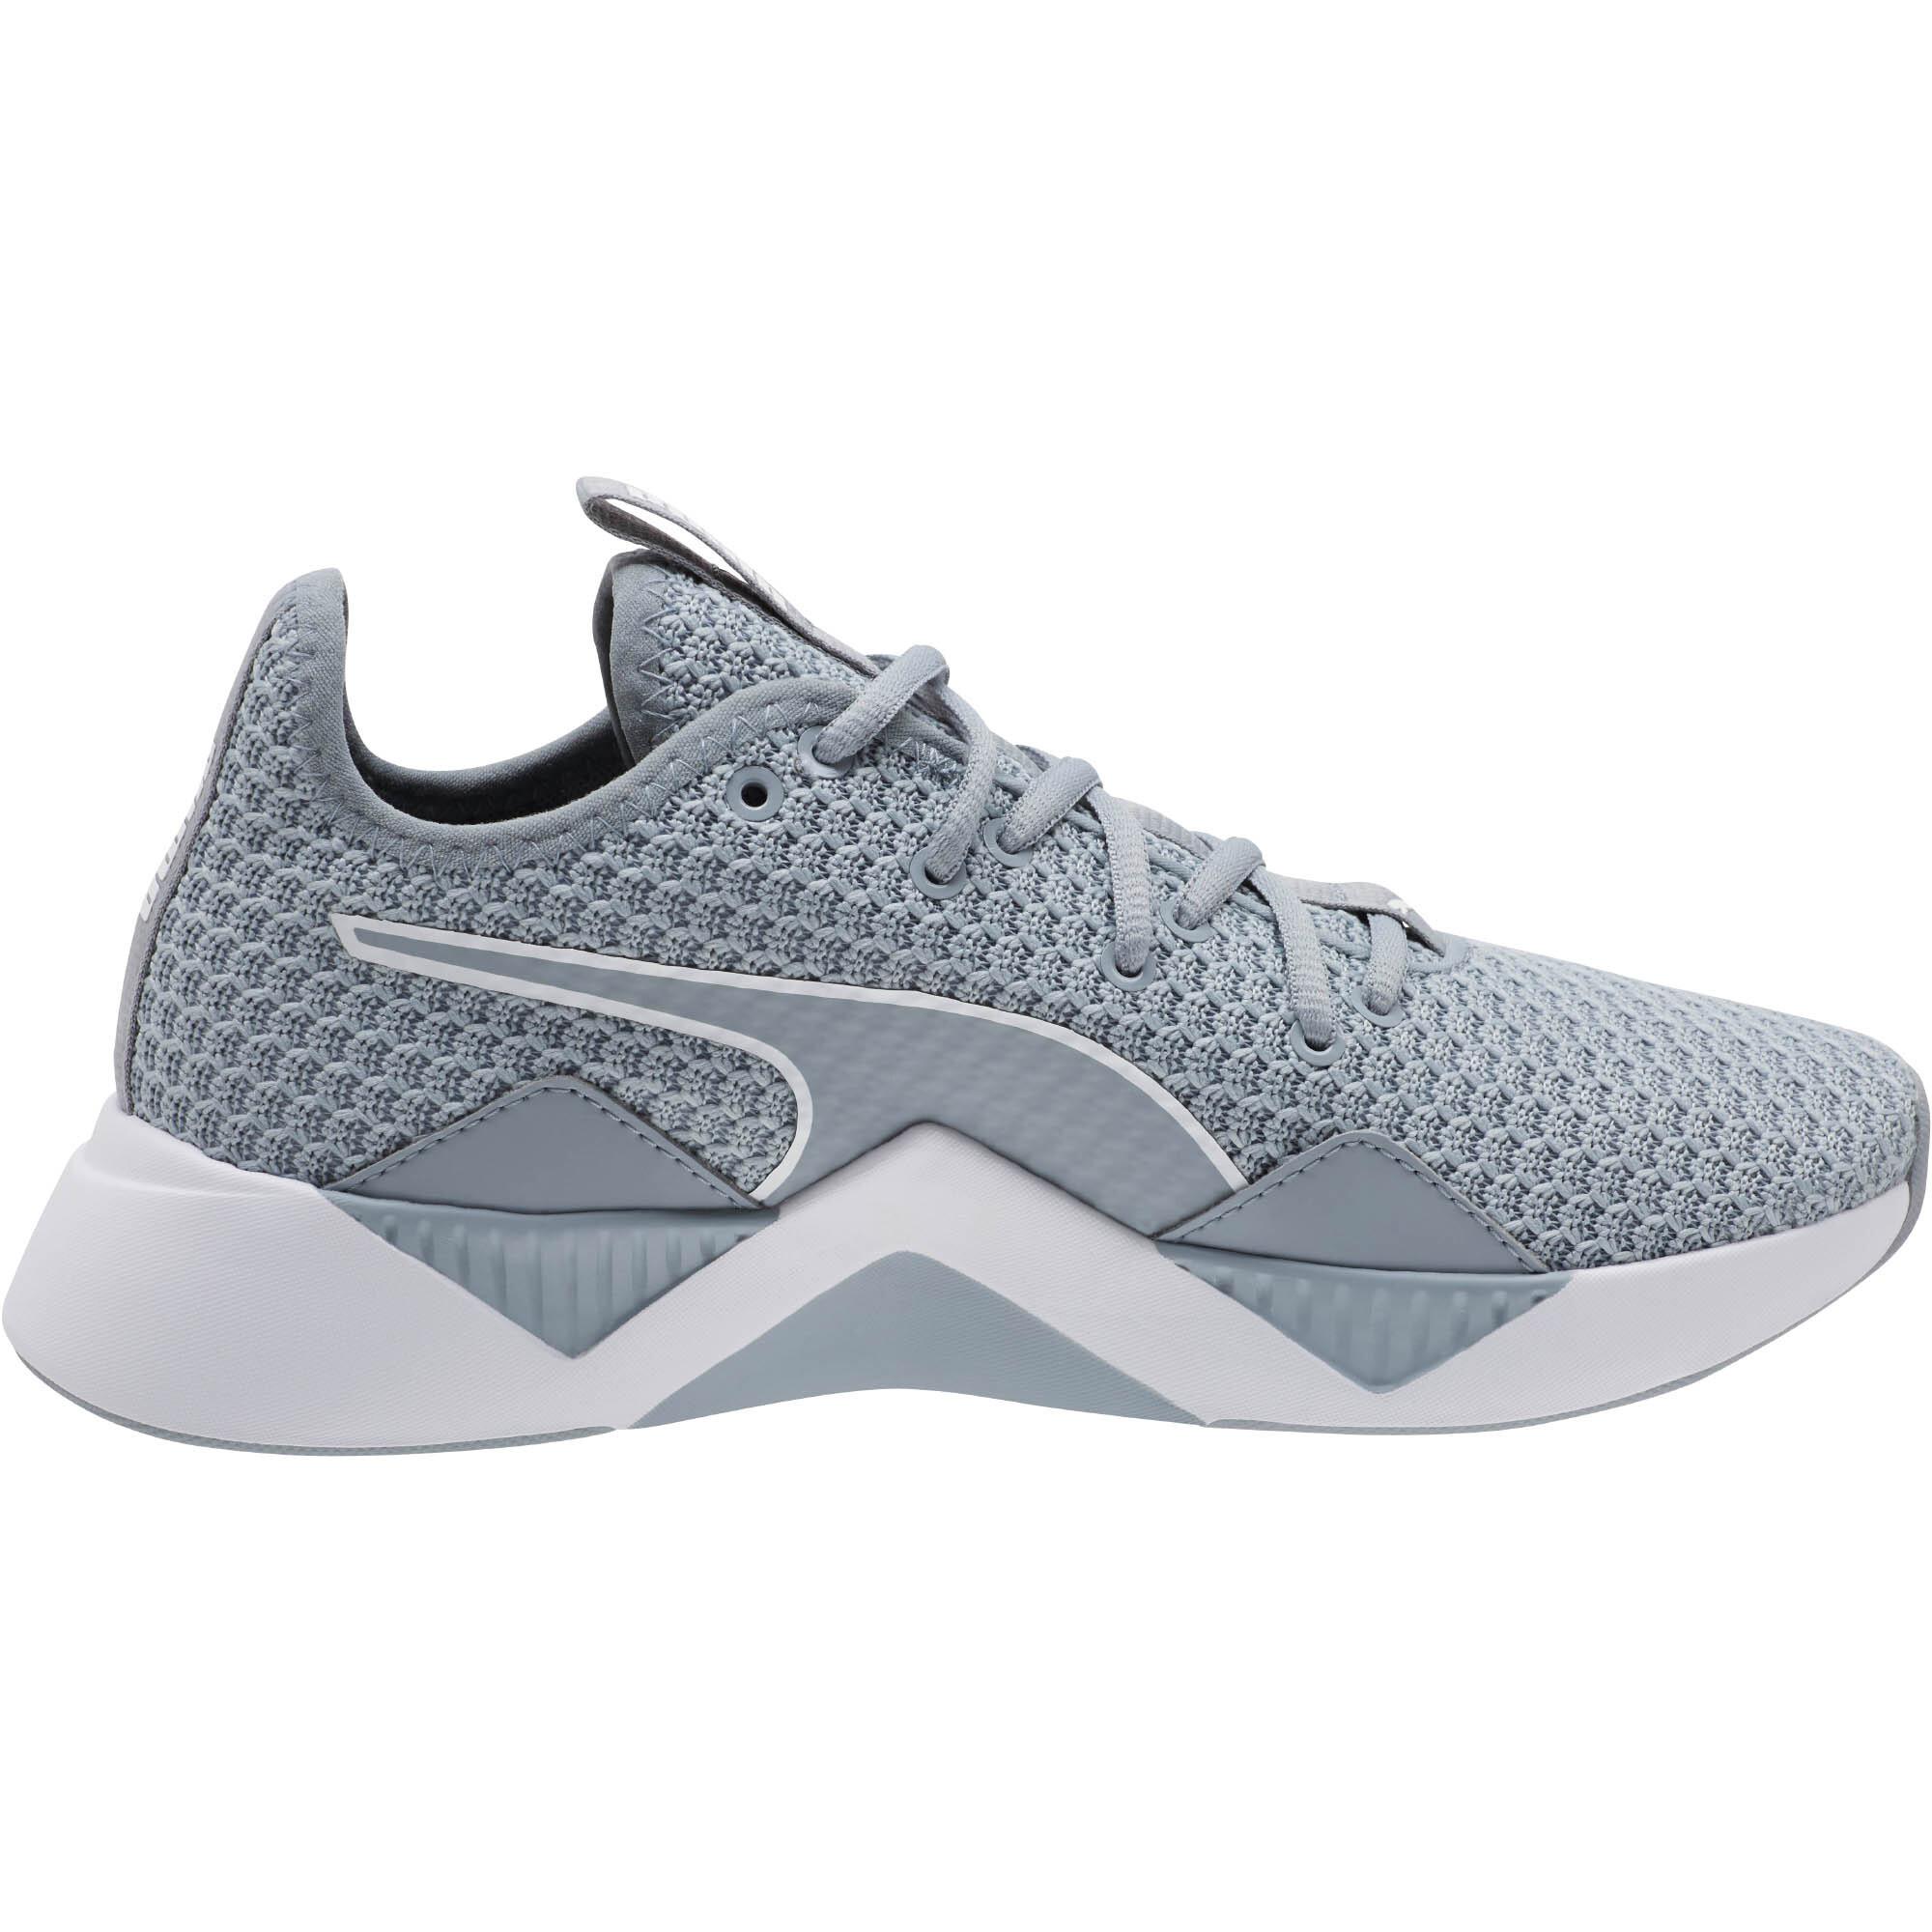 PUMA-Incite-FS-Women-039-s-Training-Shoes-Women-Shoe-Training thumbnail 5